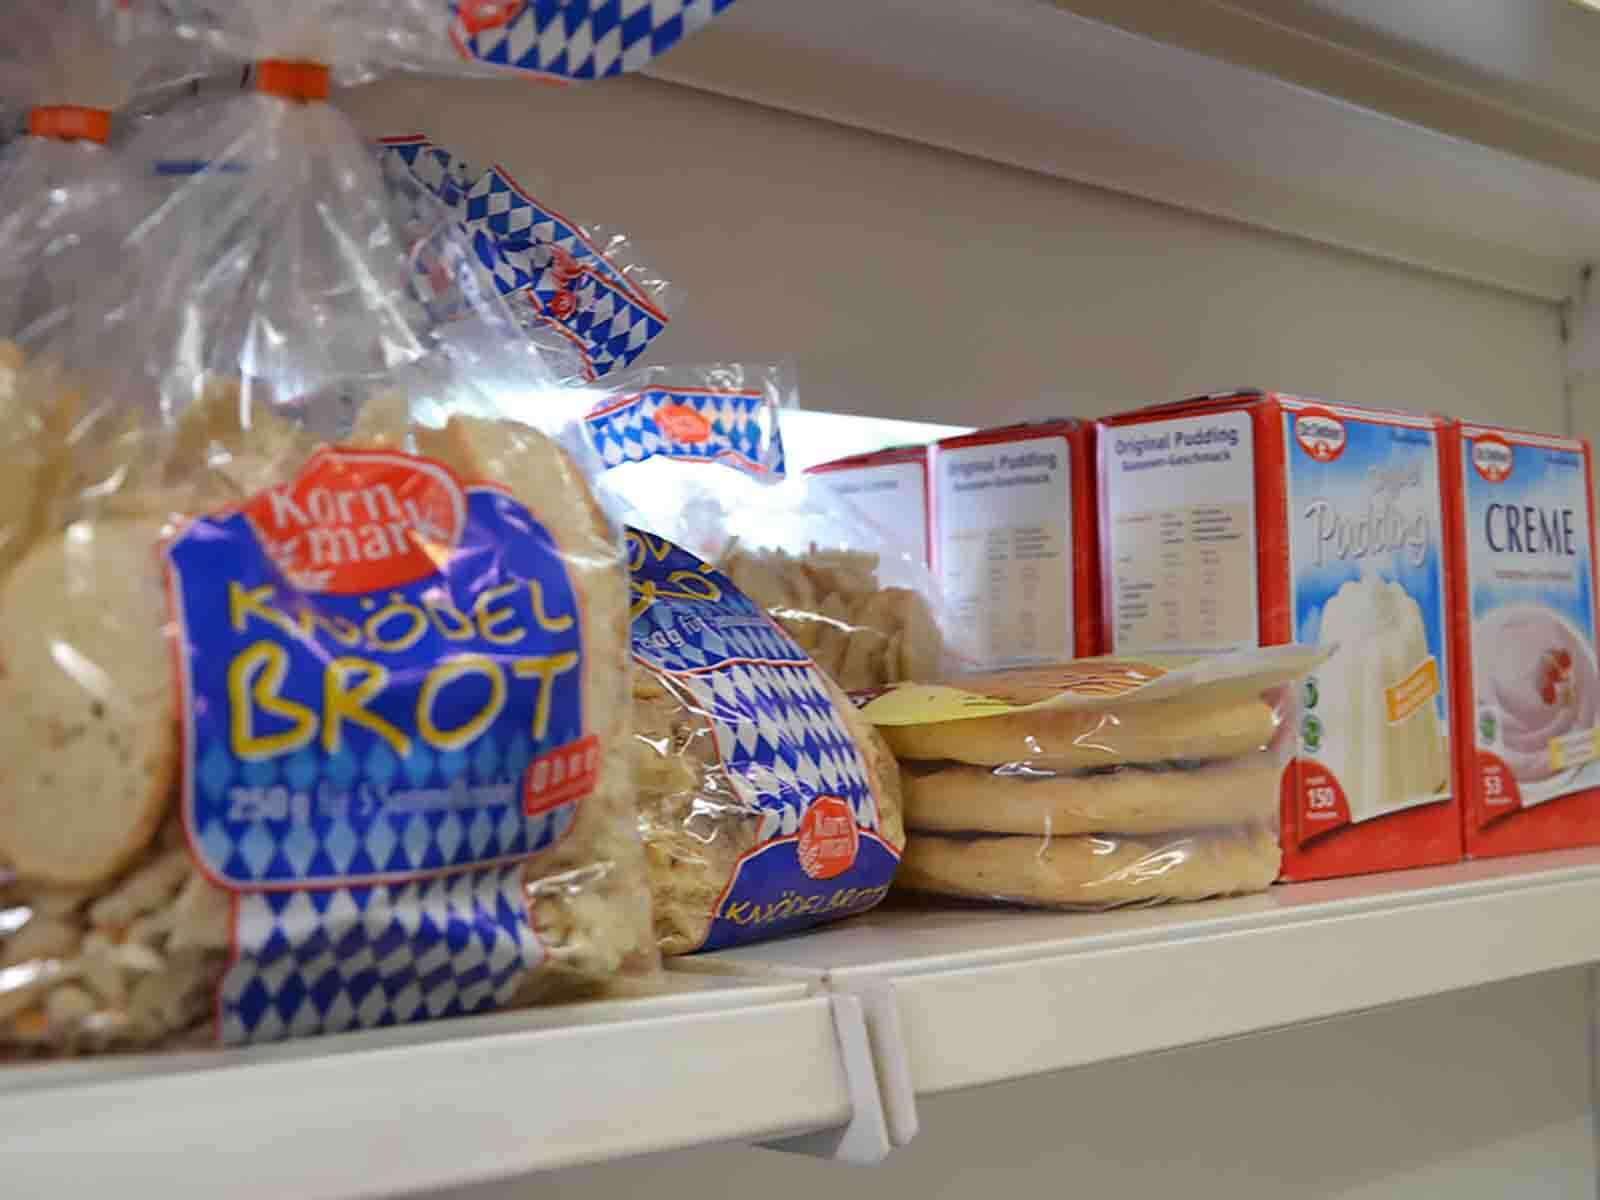 Viele Lebensmittel sind ohne Kühlung haltbar, wie etwa Brot ...